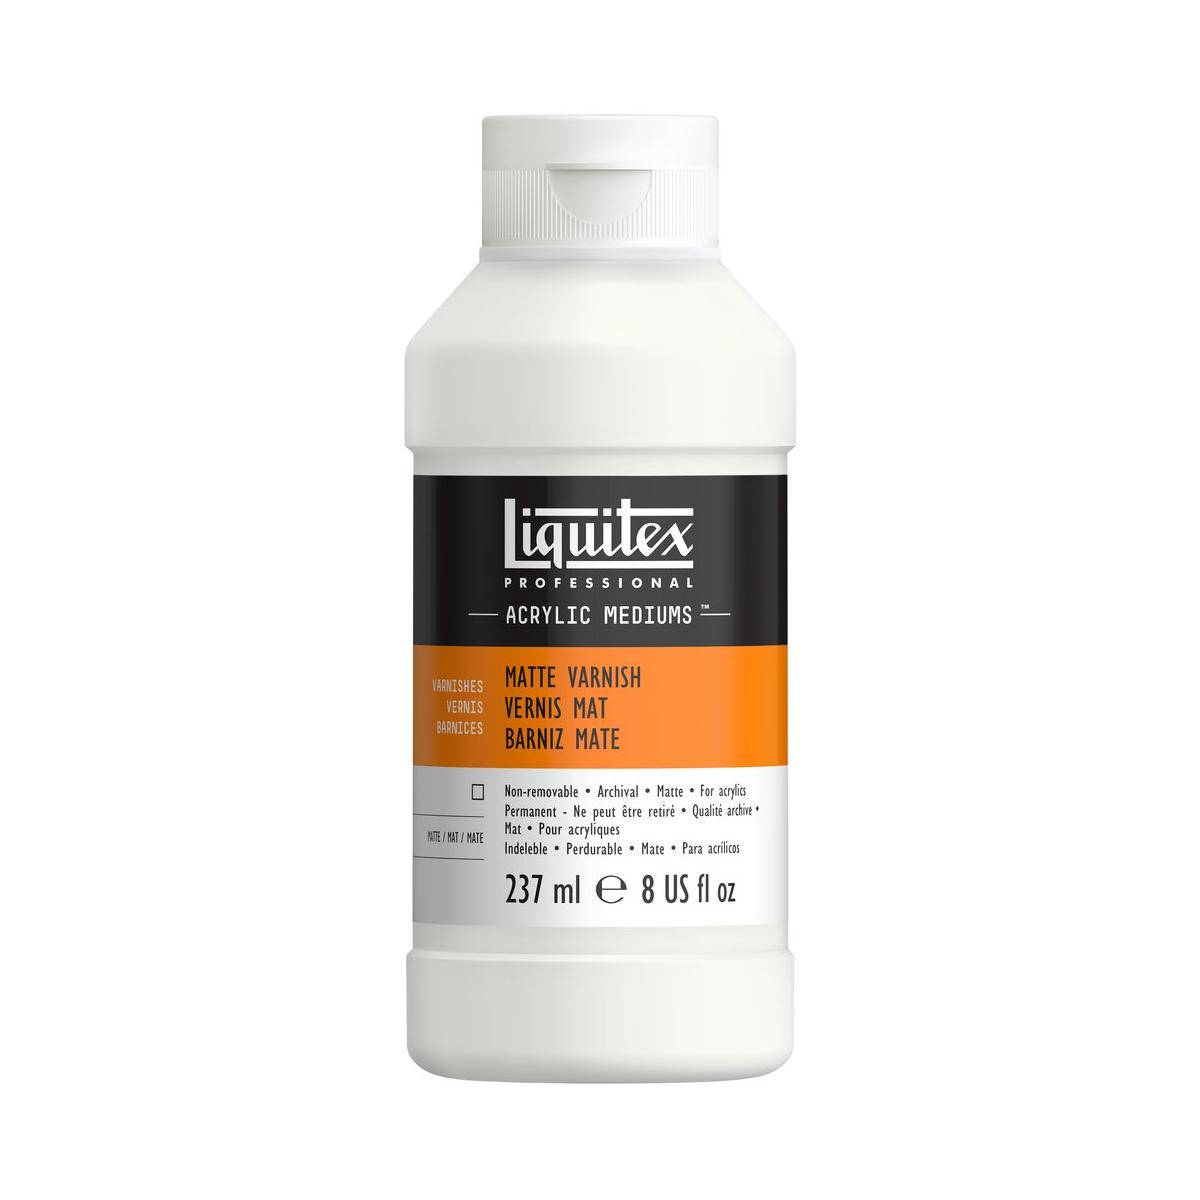 LIQUITEX BARNIZ MATE 237ML